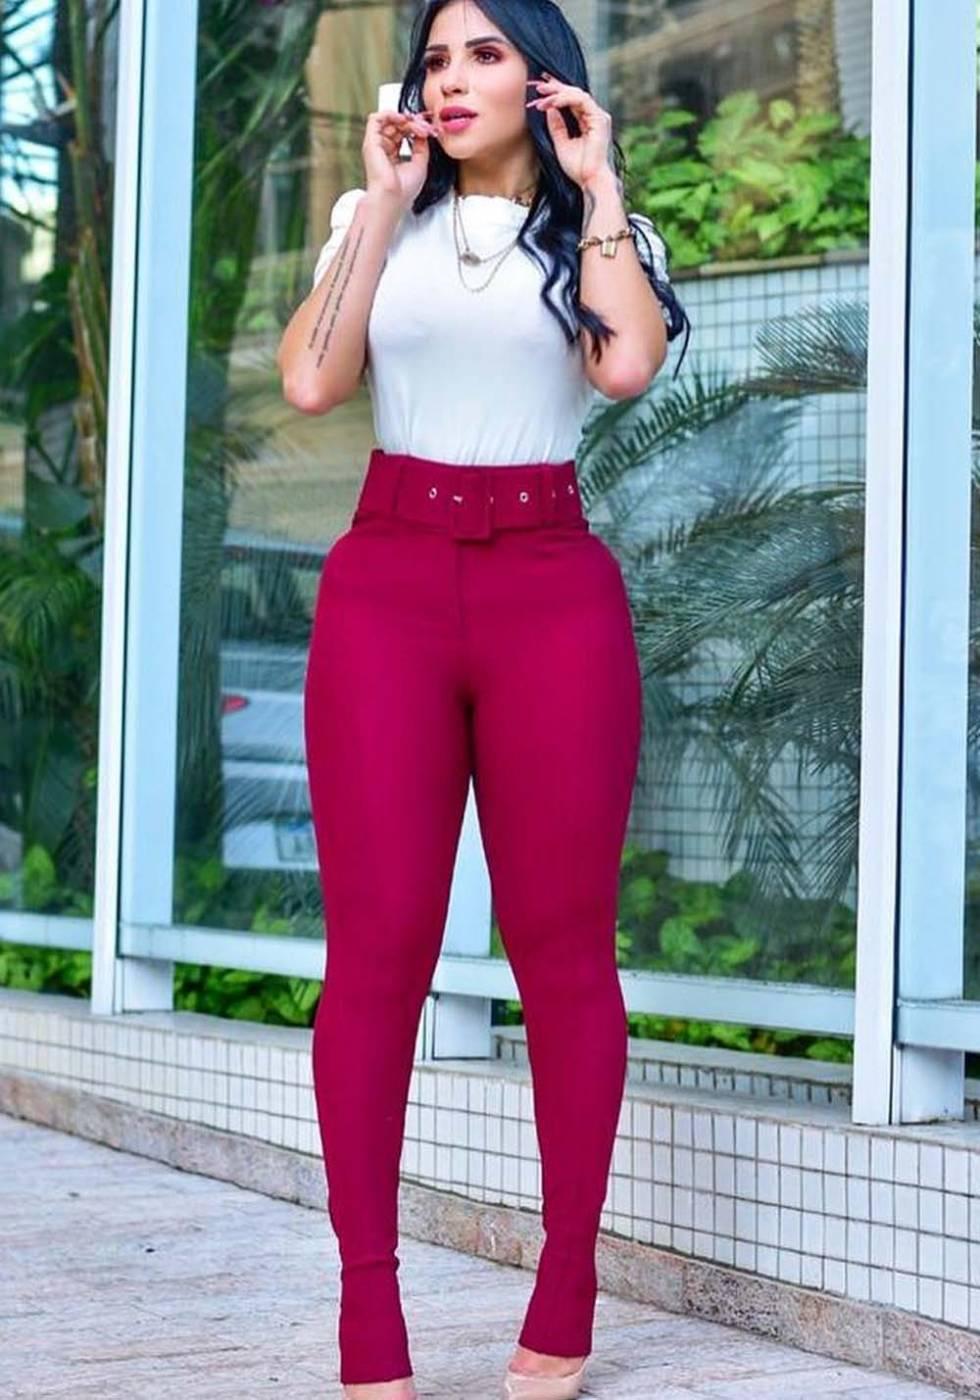 Calça Legging Modeladora com Cinto Marsala 01 - Empina Bumbum e Comprime a Barriga